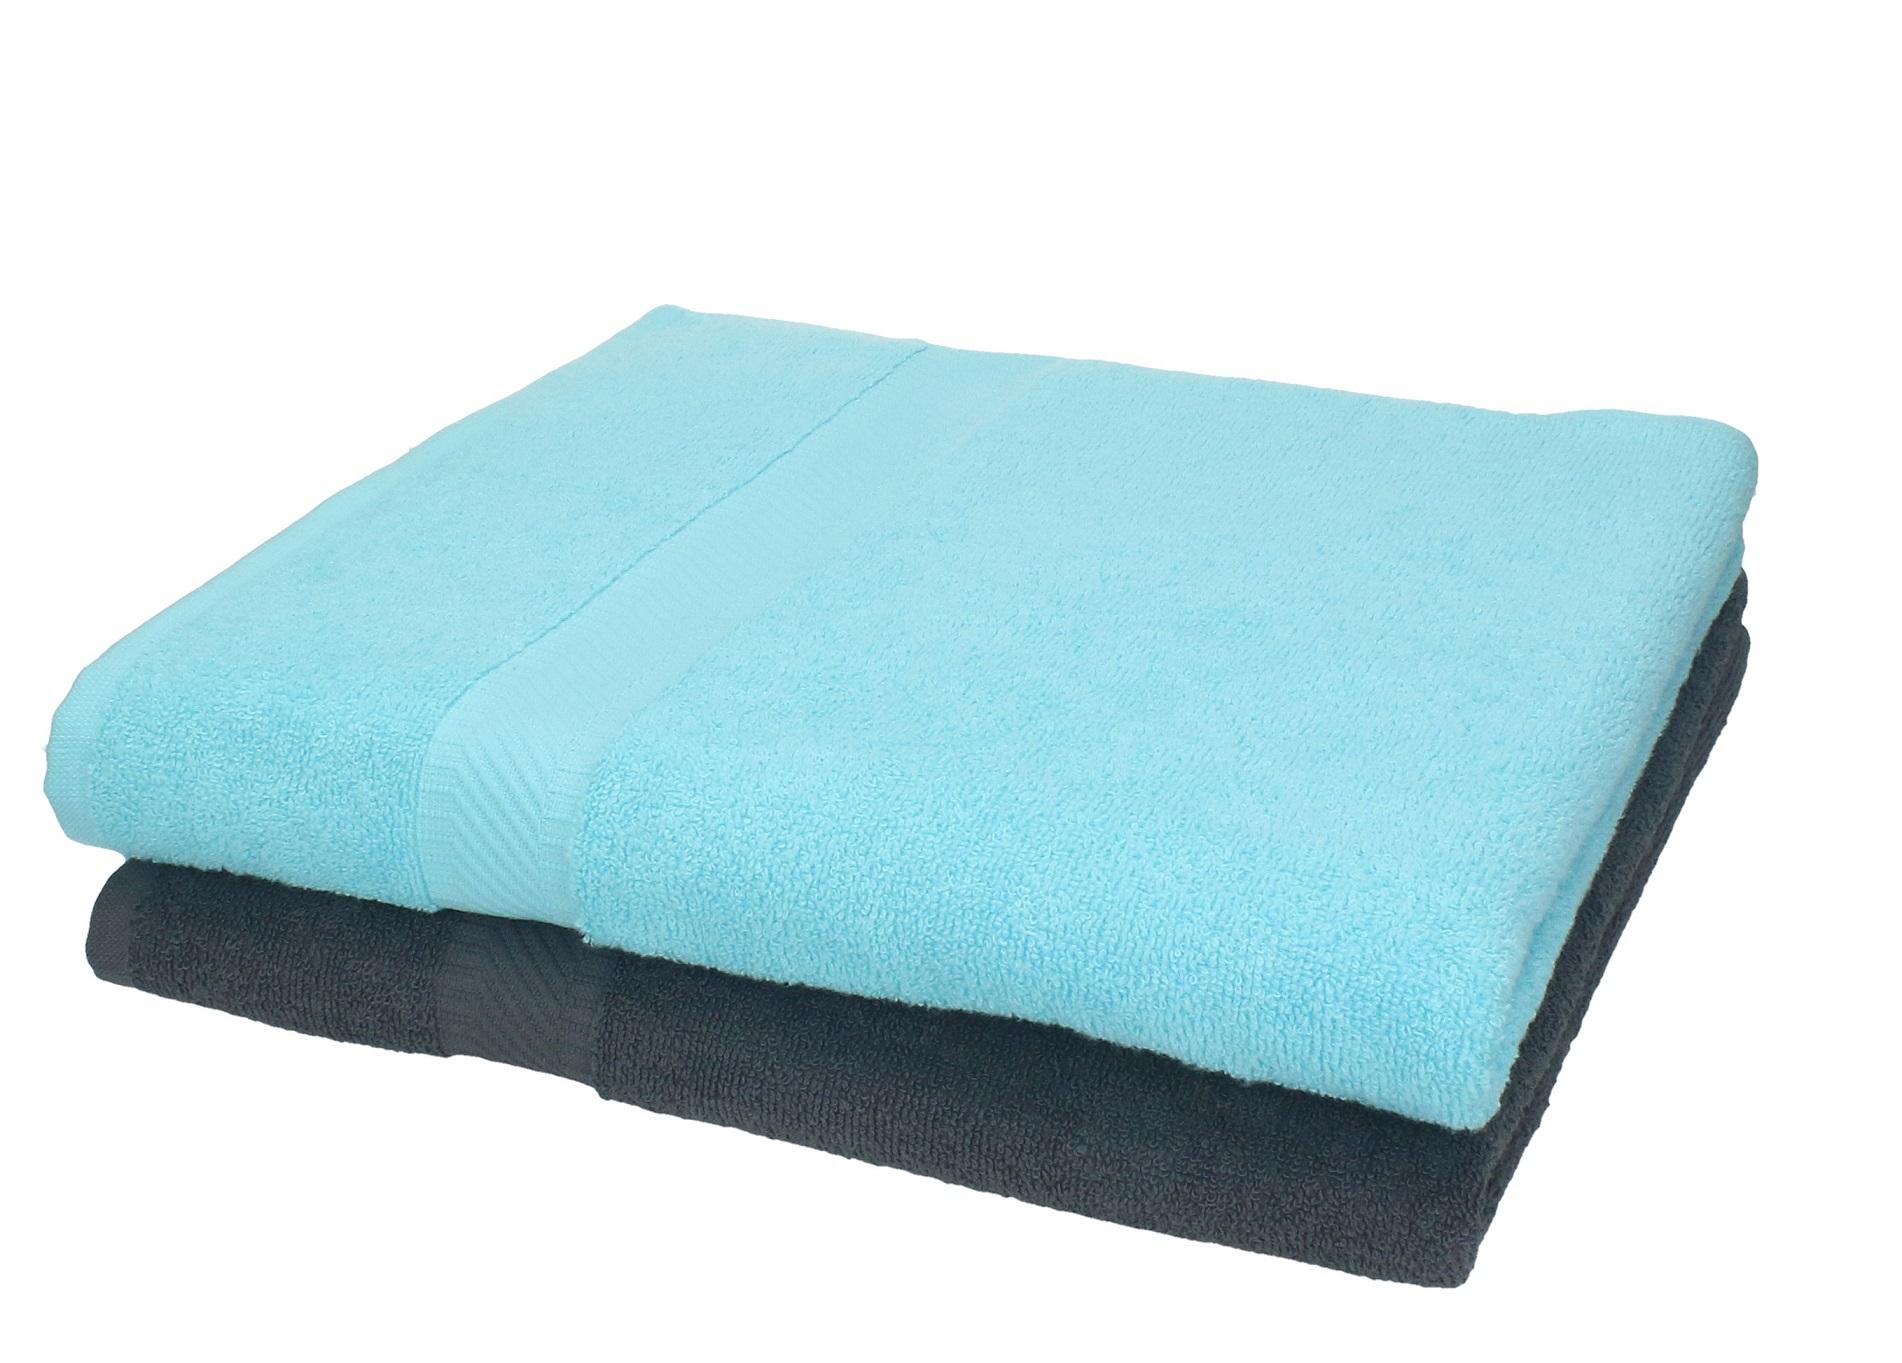 Betz Lot de 4 serviettes Palermo taille 70x140cm couleur turquoise /& anthracite